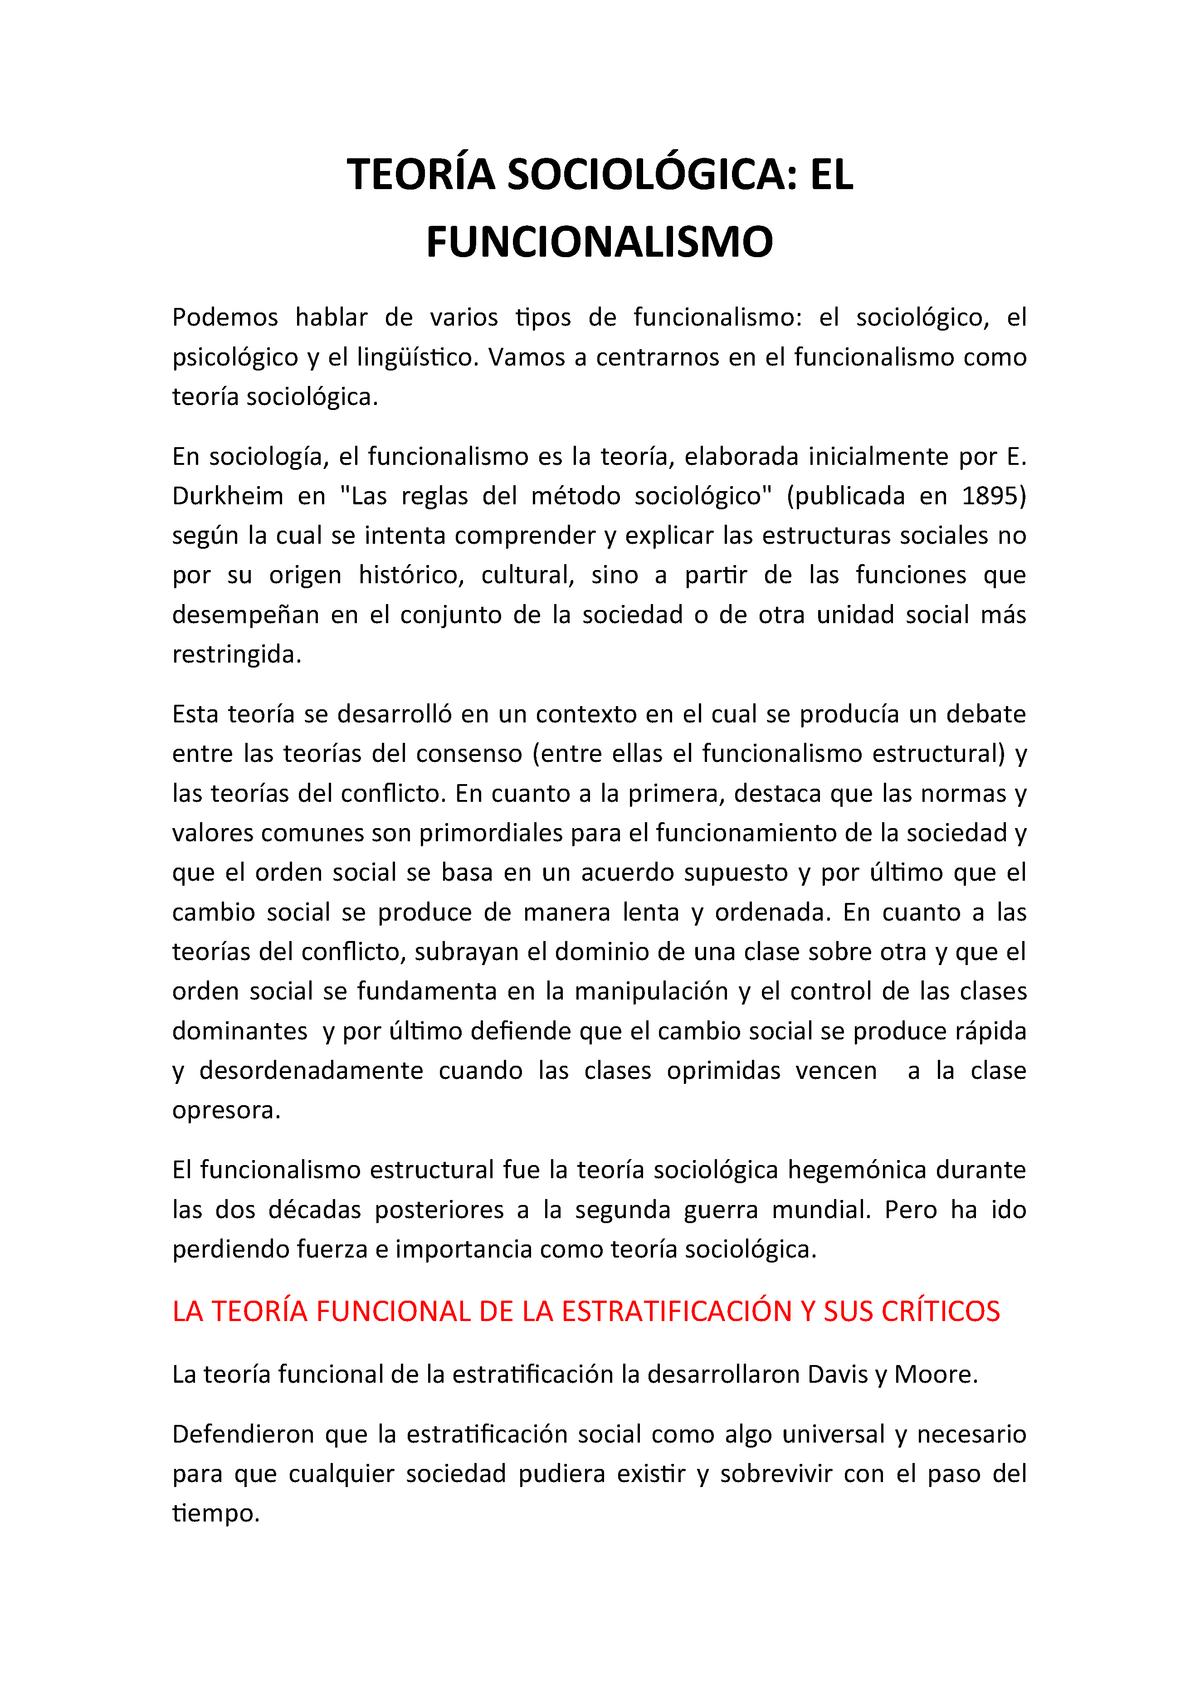 Teoría Sociológica Funcionalismo 218 13892 Uc3m Studocu